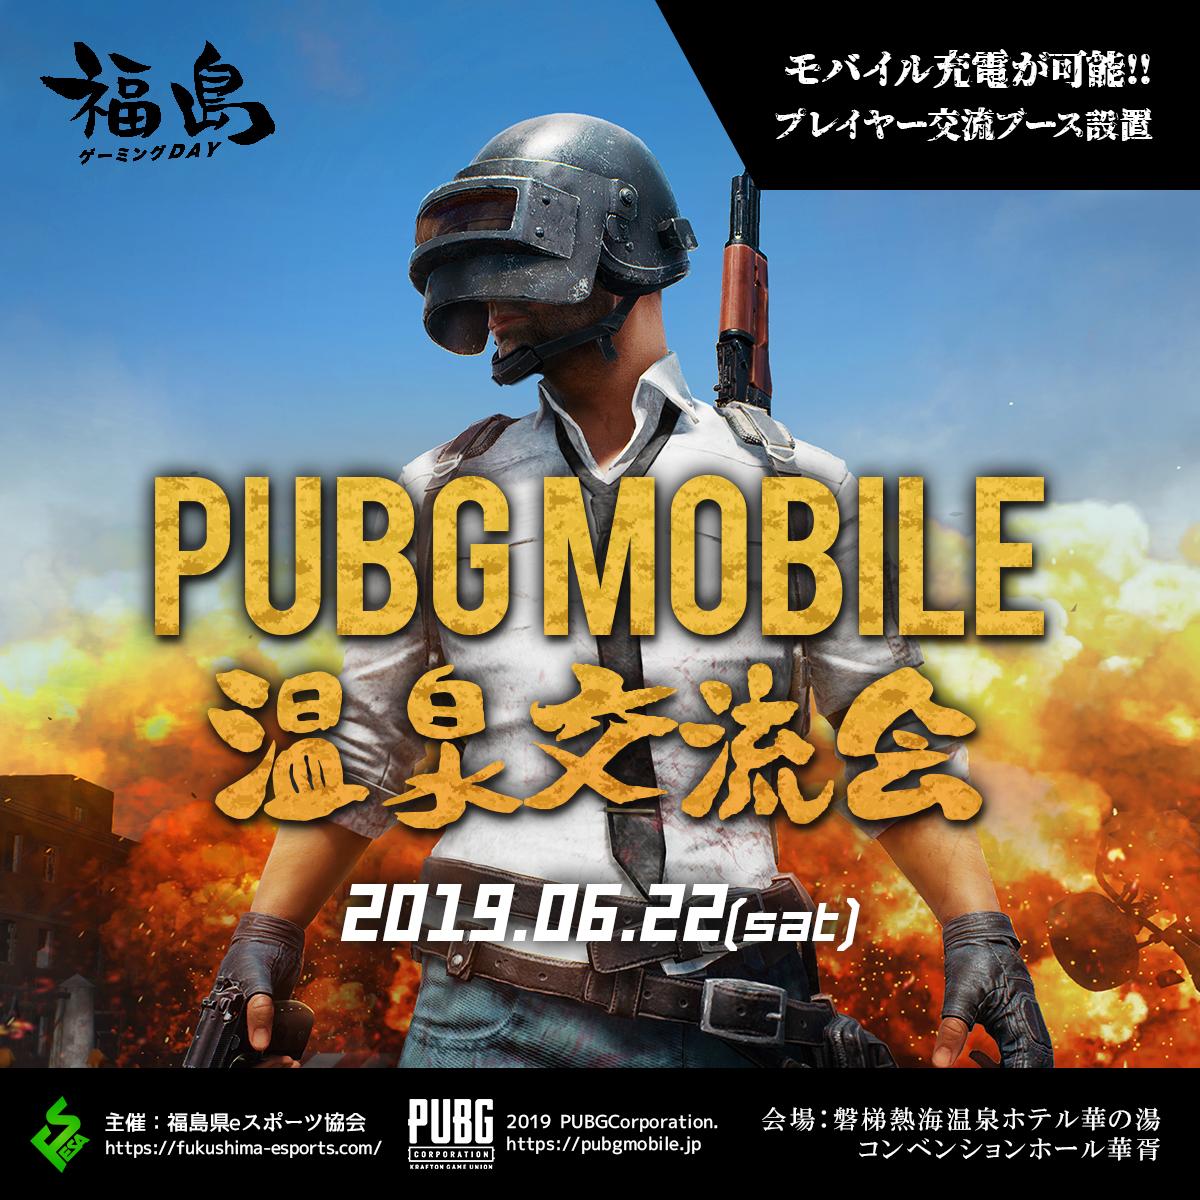 PUBG MOBILE交流会